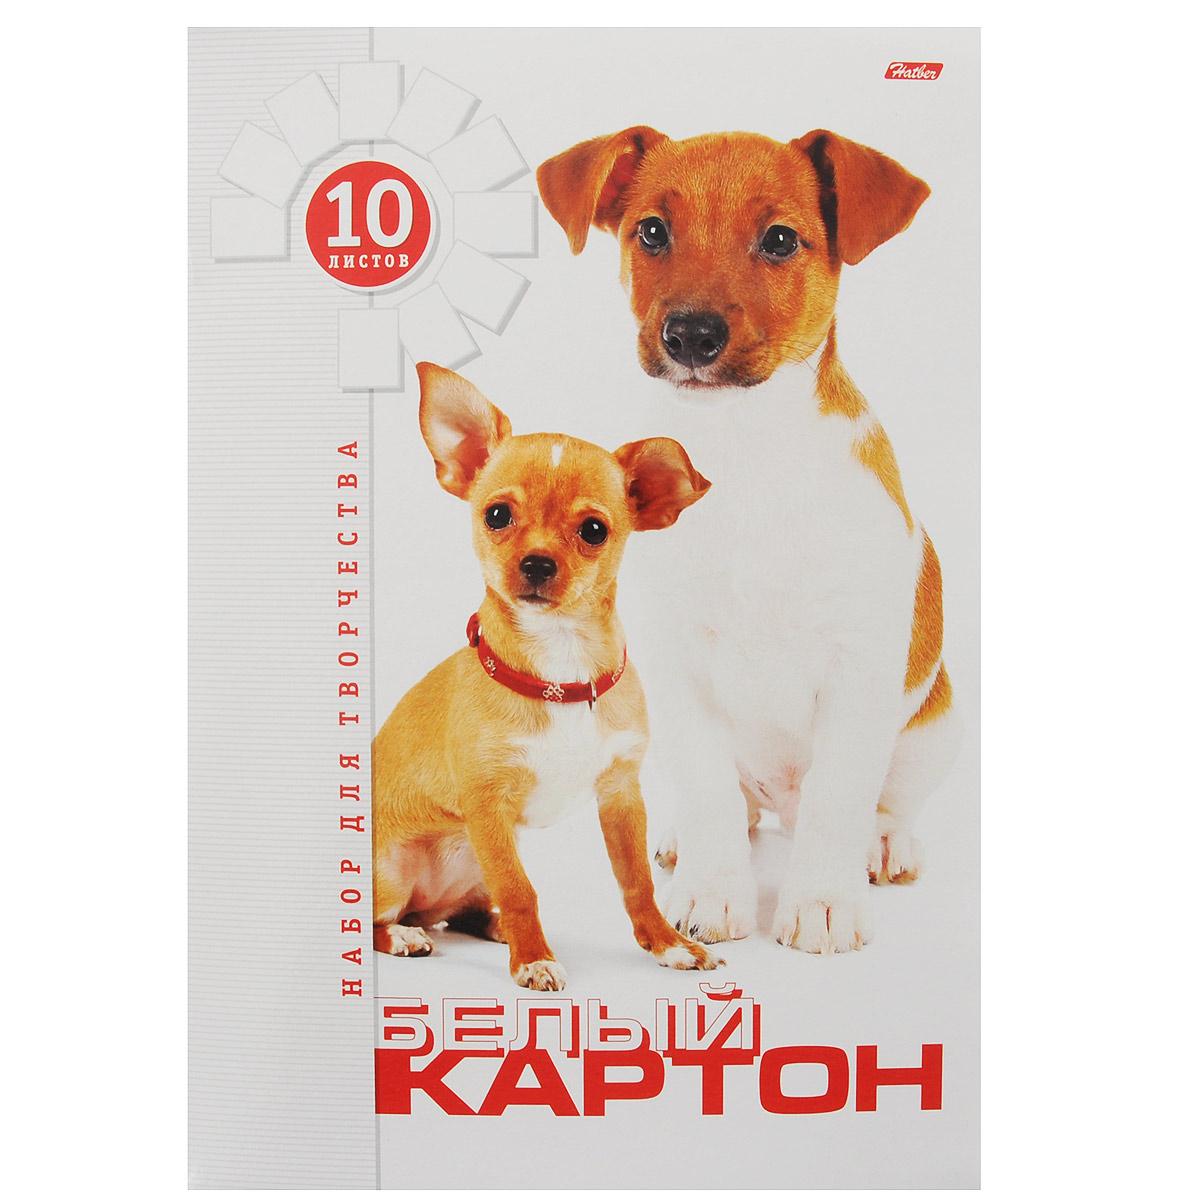 Картон Hatber Два щенка, цвет: белый, 10 листовSTP64020Картон Hatber Два щенка позволит вашему ребенку создавать всевозможные аппликации и поделки. Набор состоит из десяти листов картона белого цвета с полуглянцевым покрытием формата А4. Картон упакован в оригинальную картонную папку, оформленную изображением двух щенков. На внутренней стороне обложки расположена раскраска в виде доброго щенка.Создание поделок из картона поможет ребенку в развитии творческихспособностей, кроме того, это увлекательный досуг.Рекомендуемый возраст от 6 лет.